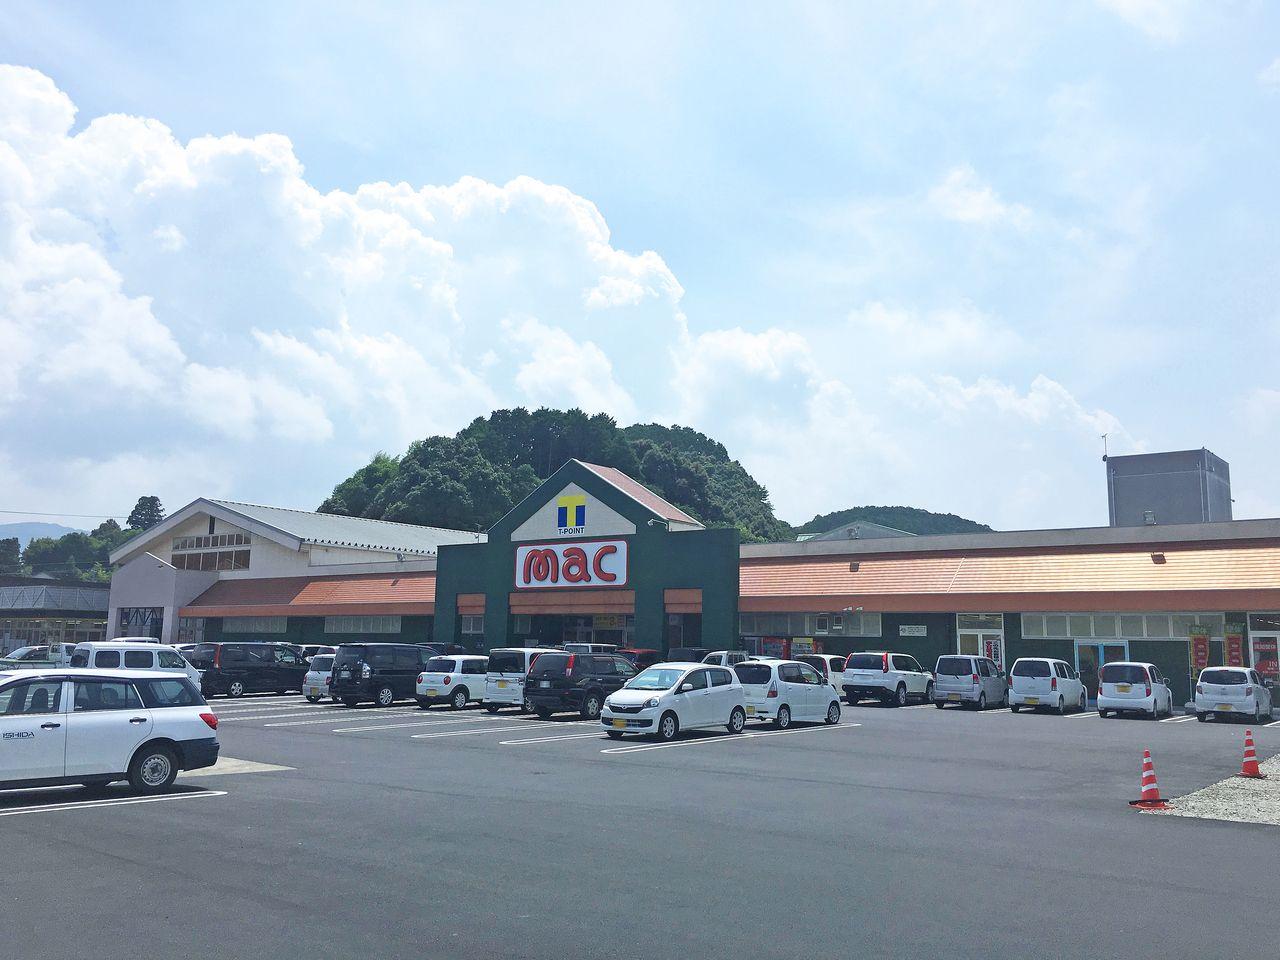 徒歩7分の距離にmacがあります。ドラッグストアというよりスーパーのような感覚でお買い物に行ってみてください。お肉もお野菜も安いですよ(*´∀`*)